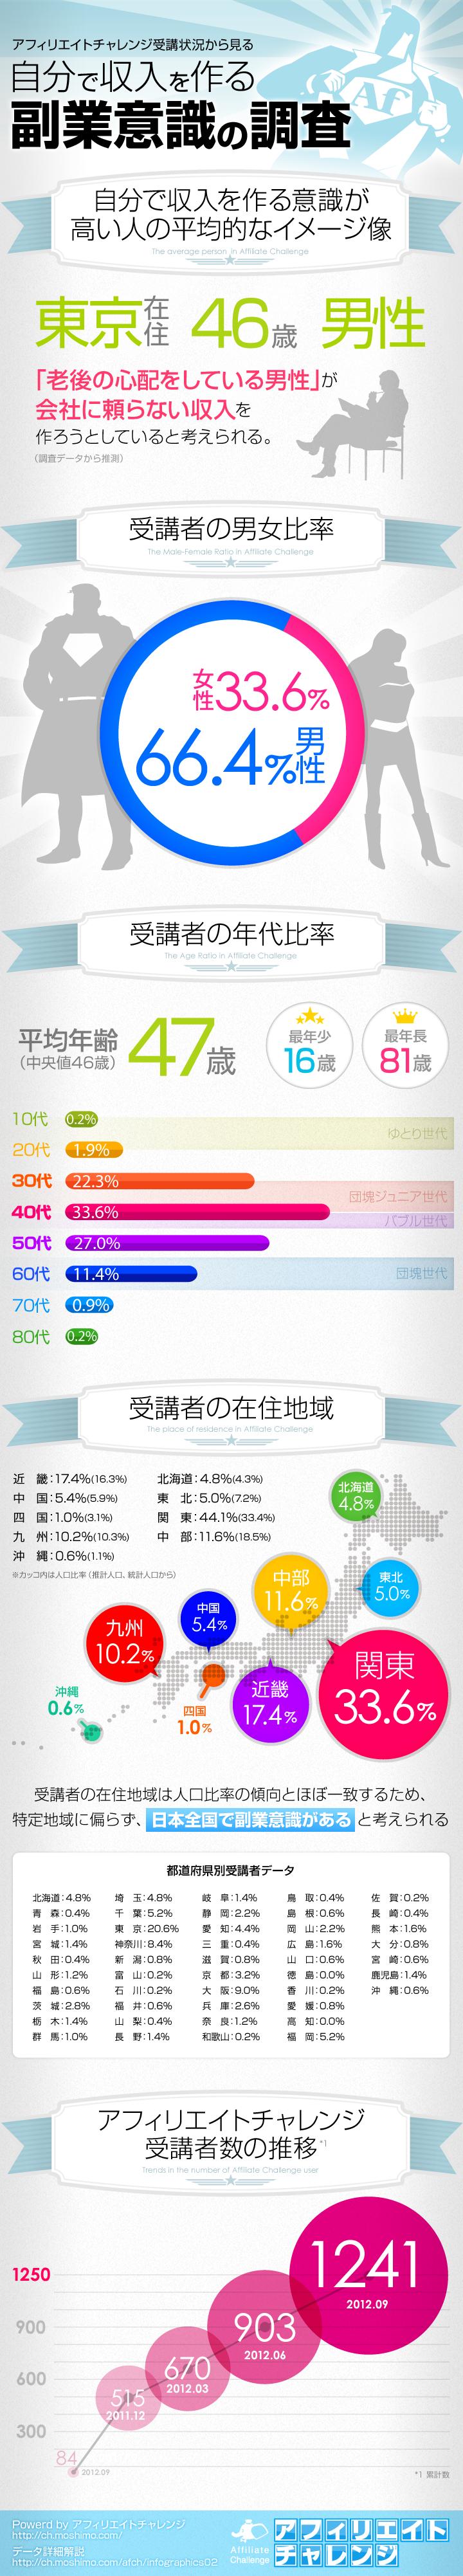 インフォグラフィック:アフィリエイターになりたい人の共通点は「男性、40代、関東人」